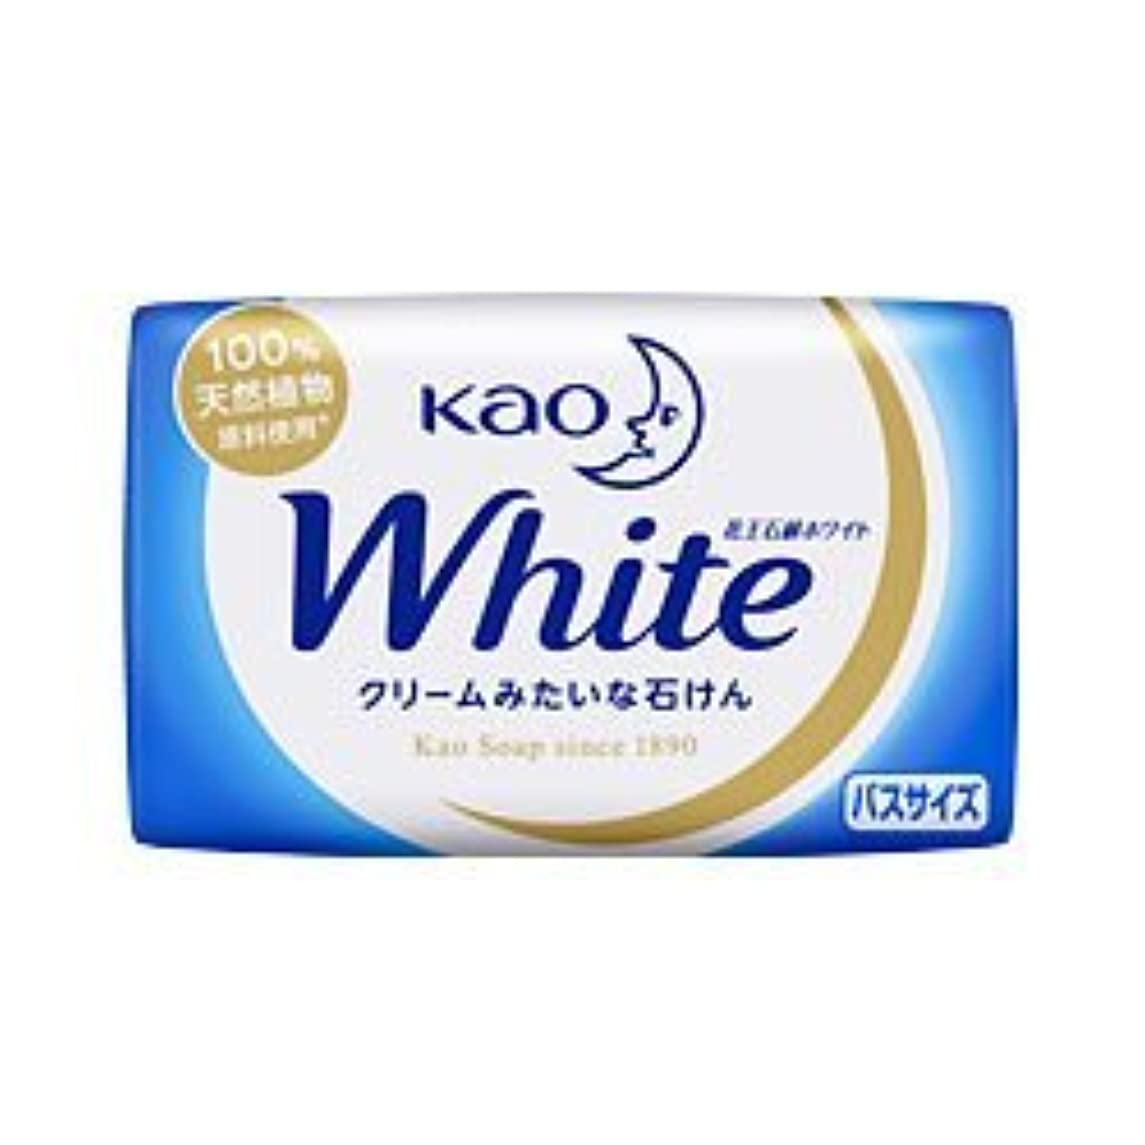 タンク致命的な水銀の【花王】花王ホワイト バスサイズ 1個 130g ×10個セット